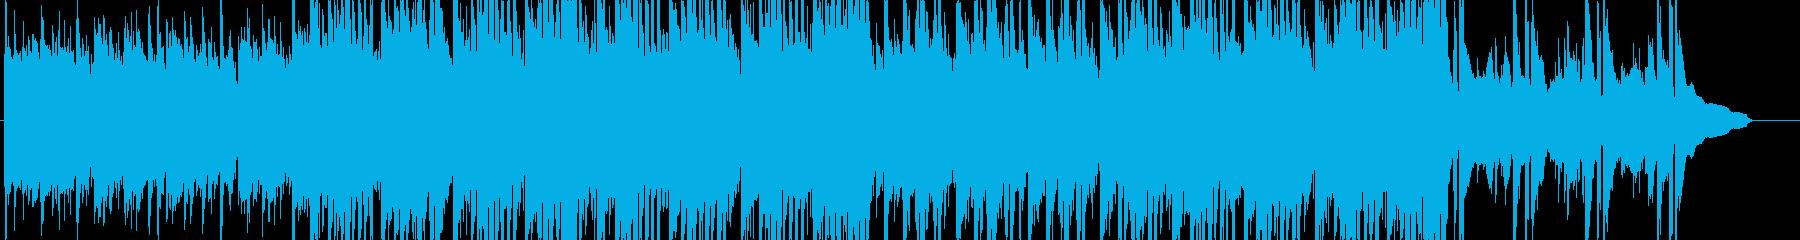 三拍子の軽快でわくわくする楽曲の再生済みの波形